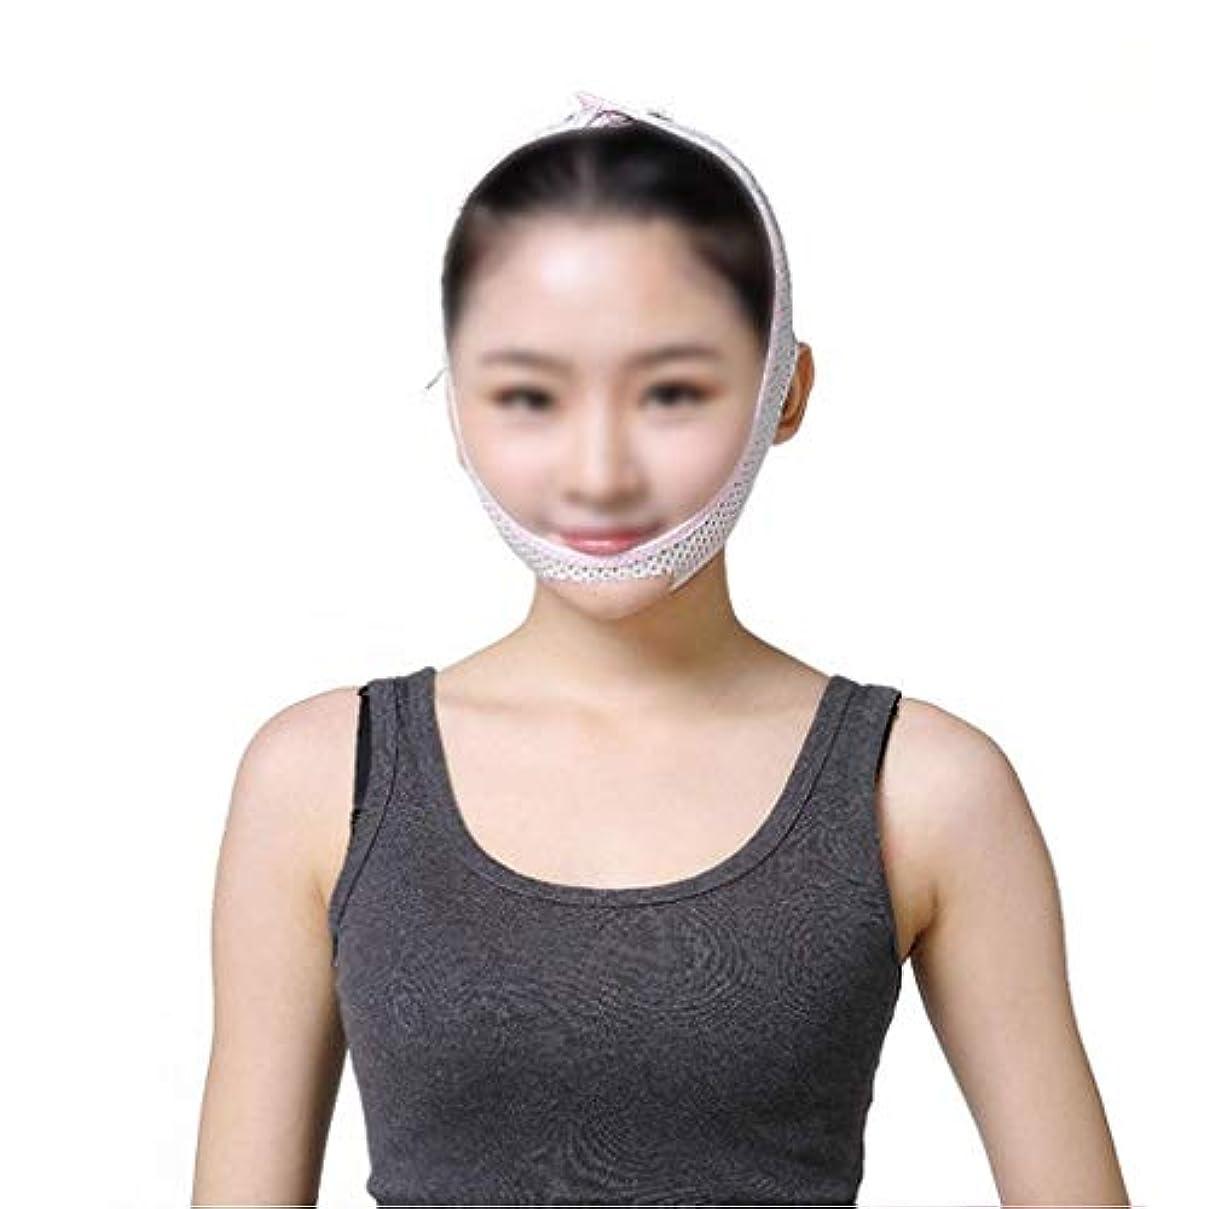 開拓者スペル驚きフェイスリフティングマスク、快適で リフティングスキンファーミングスリープシンフェイスアーティファクトアンチリンクル/リムーブダブルチン/術後回復マスク(サイズ:L)